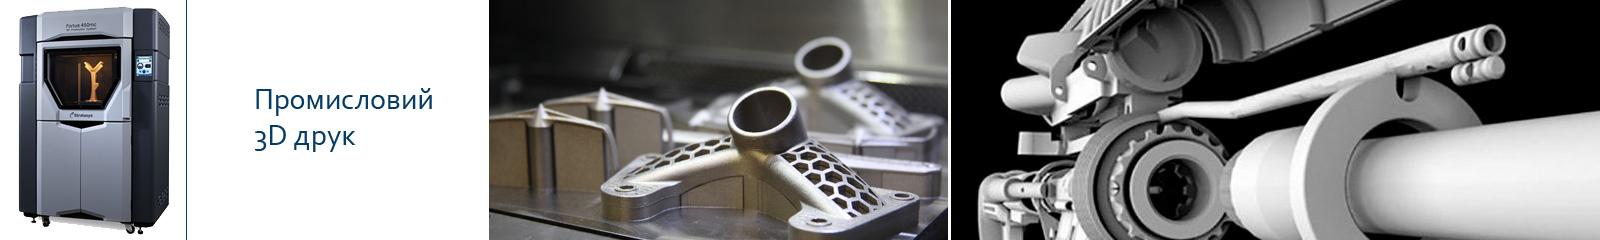 Промисловий 3D друк